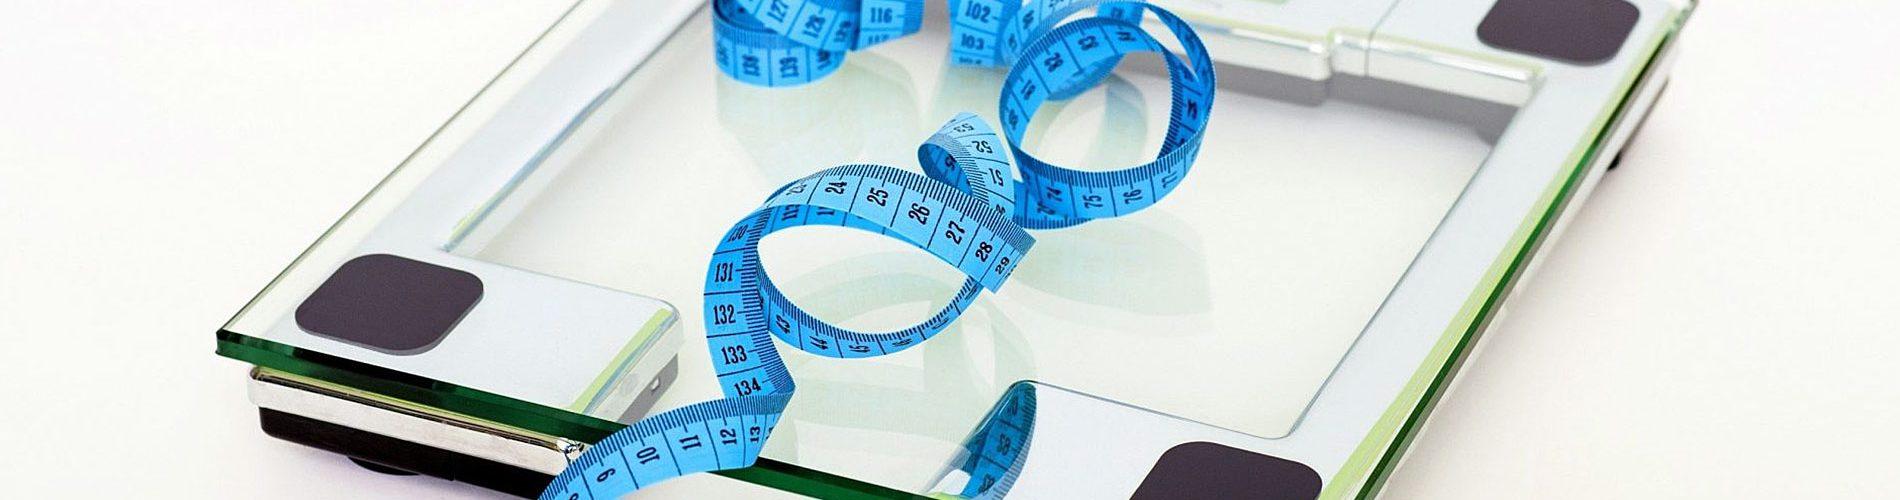 Perdere peso e verificare sulla bilancia